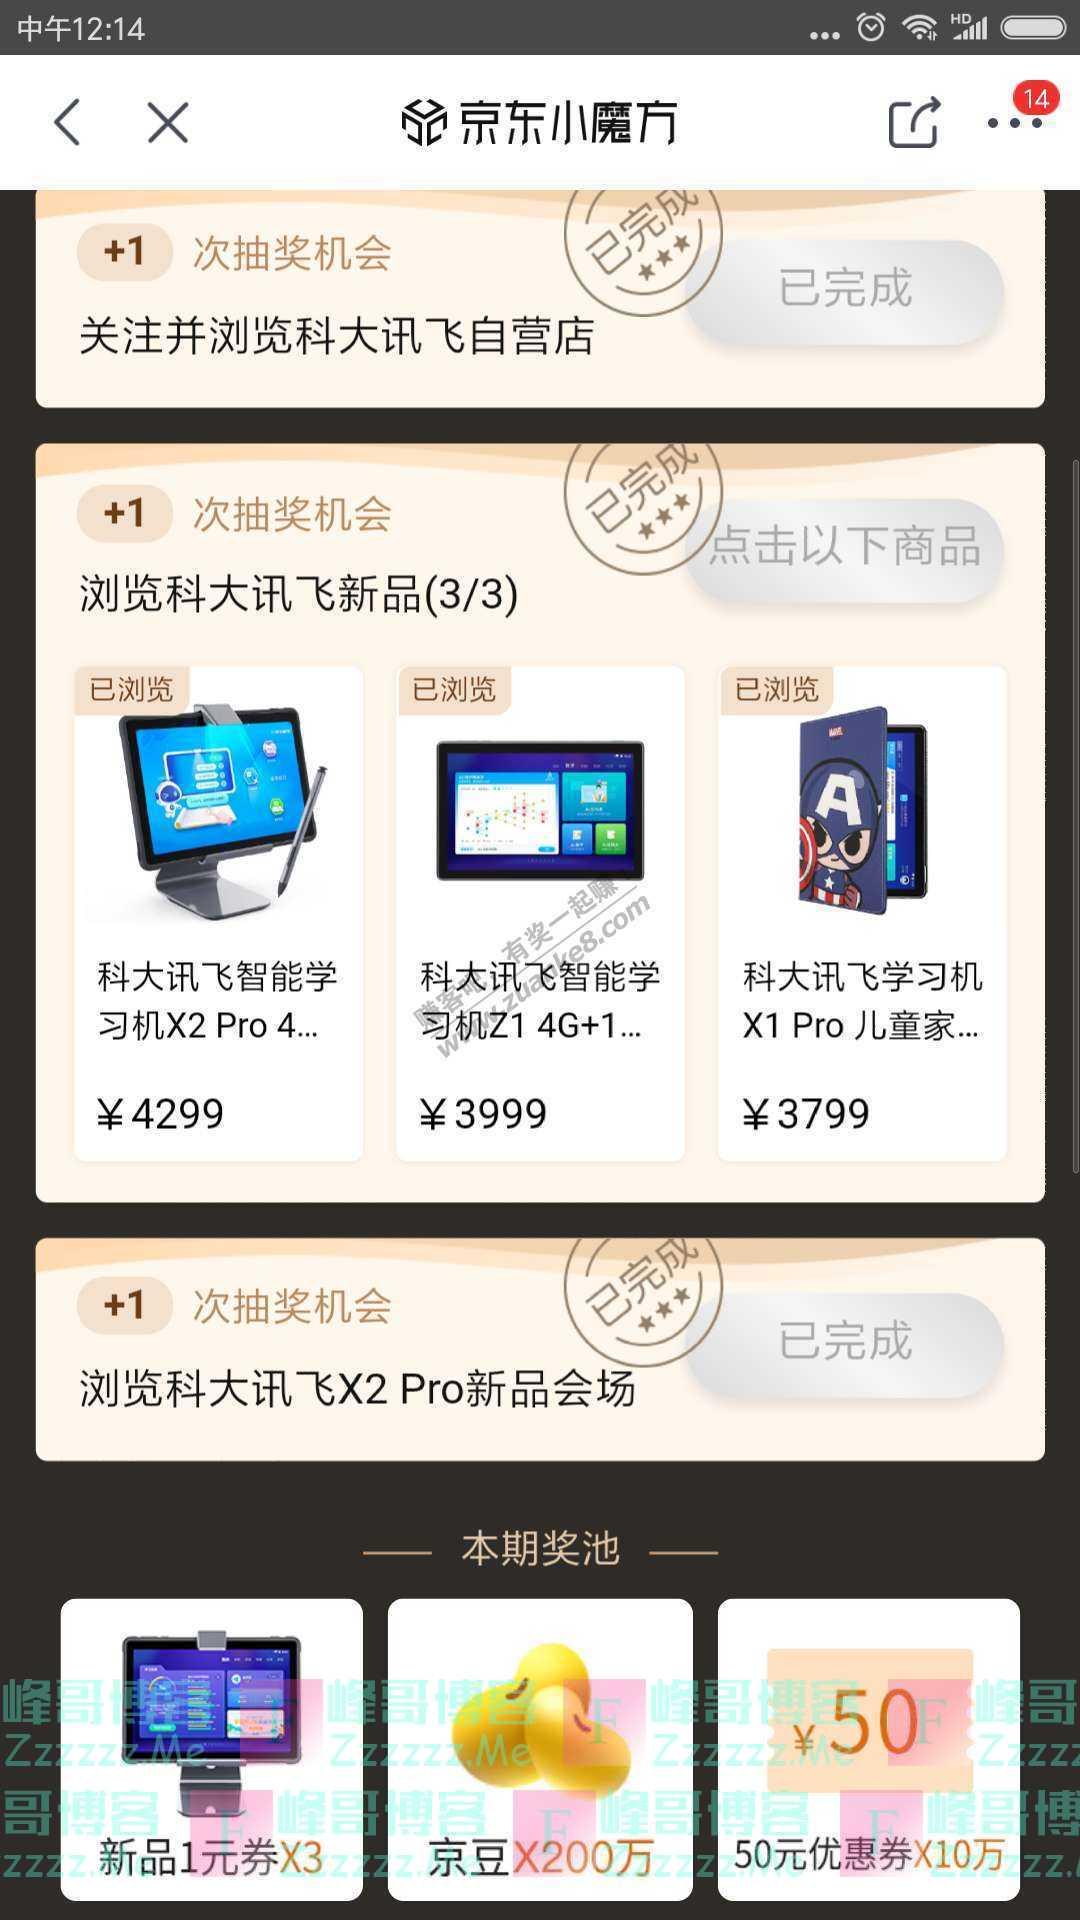 京东app转魔方赢新品(截止8月12日)